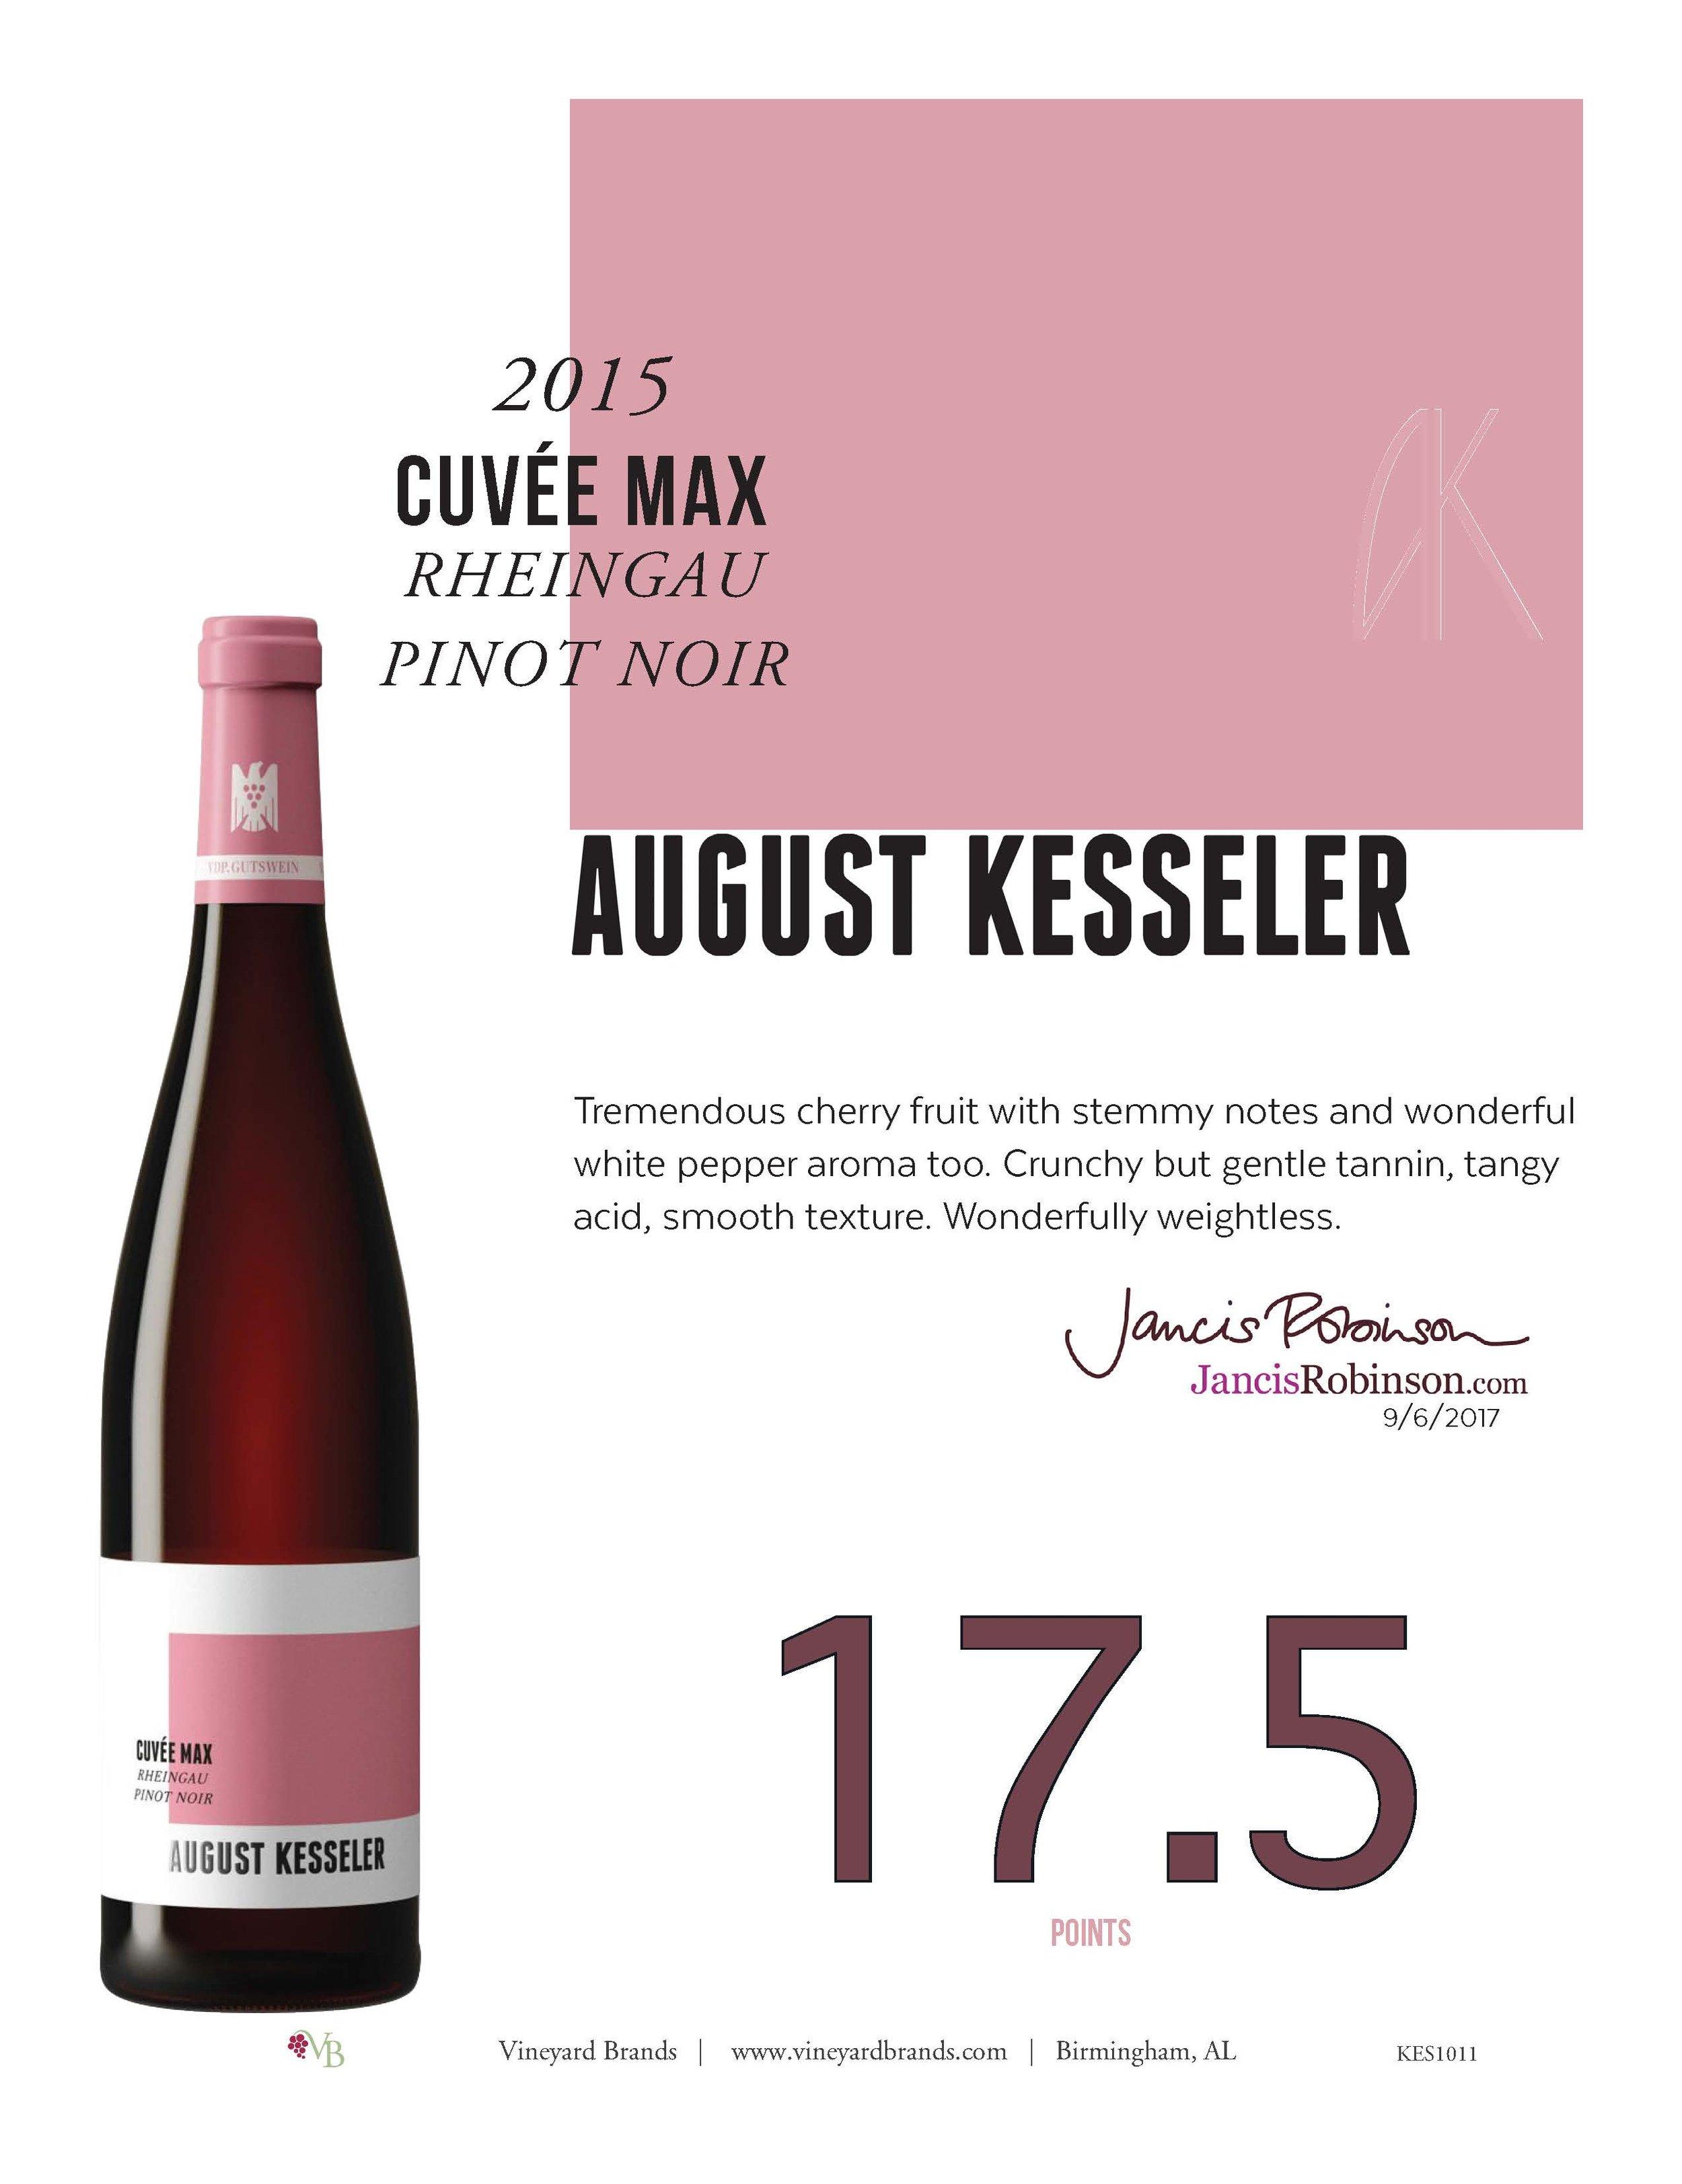 Kesseler Cuvee Max Pinot Noir.jpg